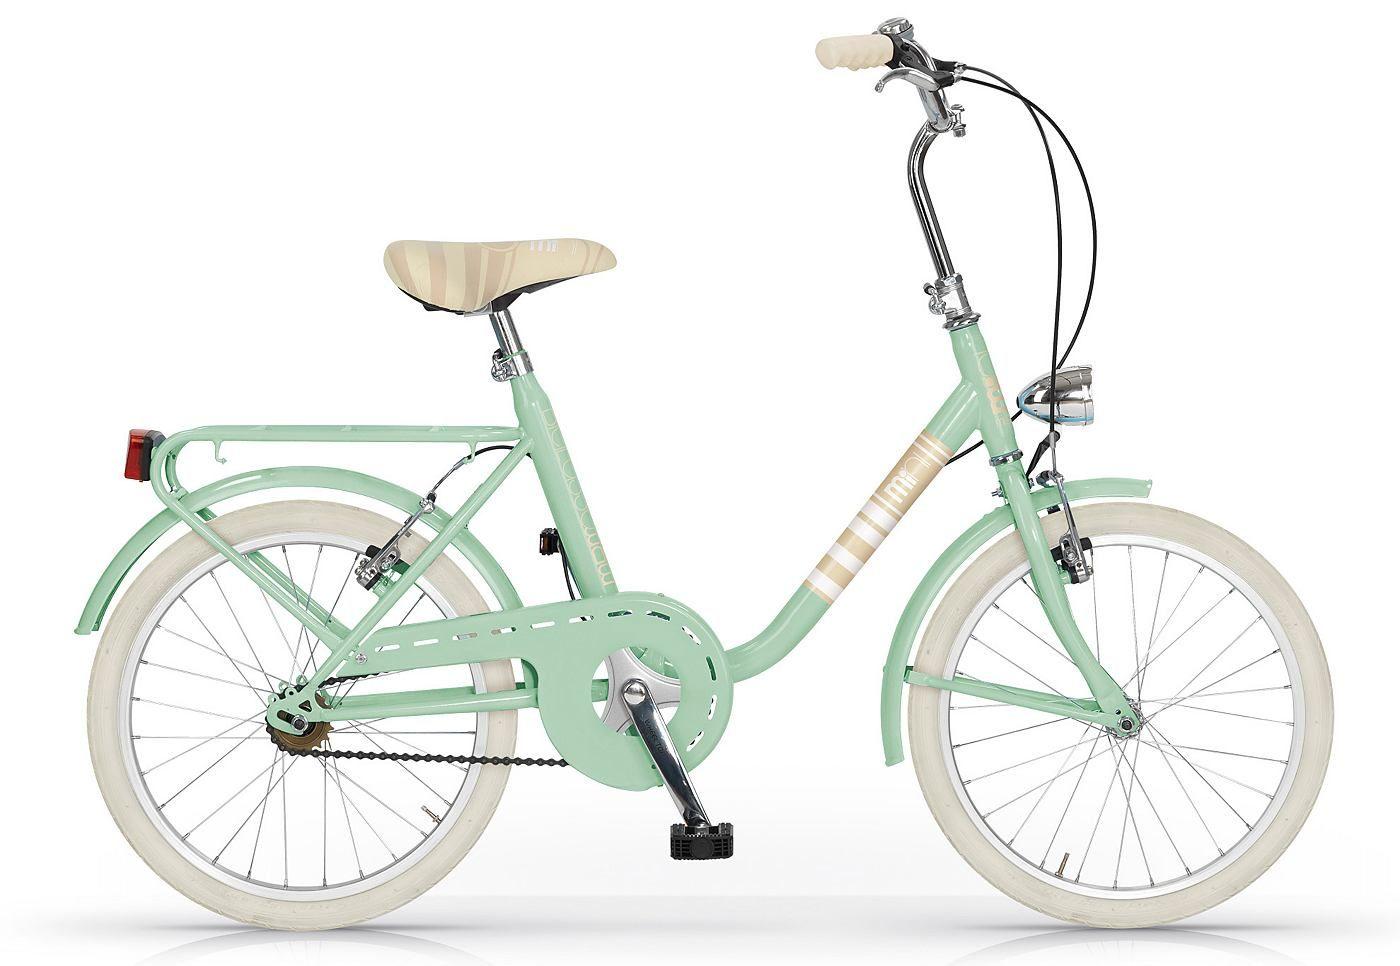 Mbm Mini Mint Mini Bike Fahrrad Gang